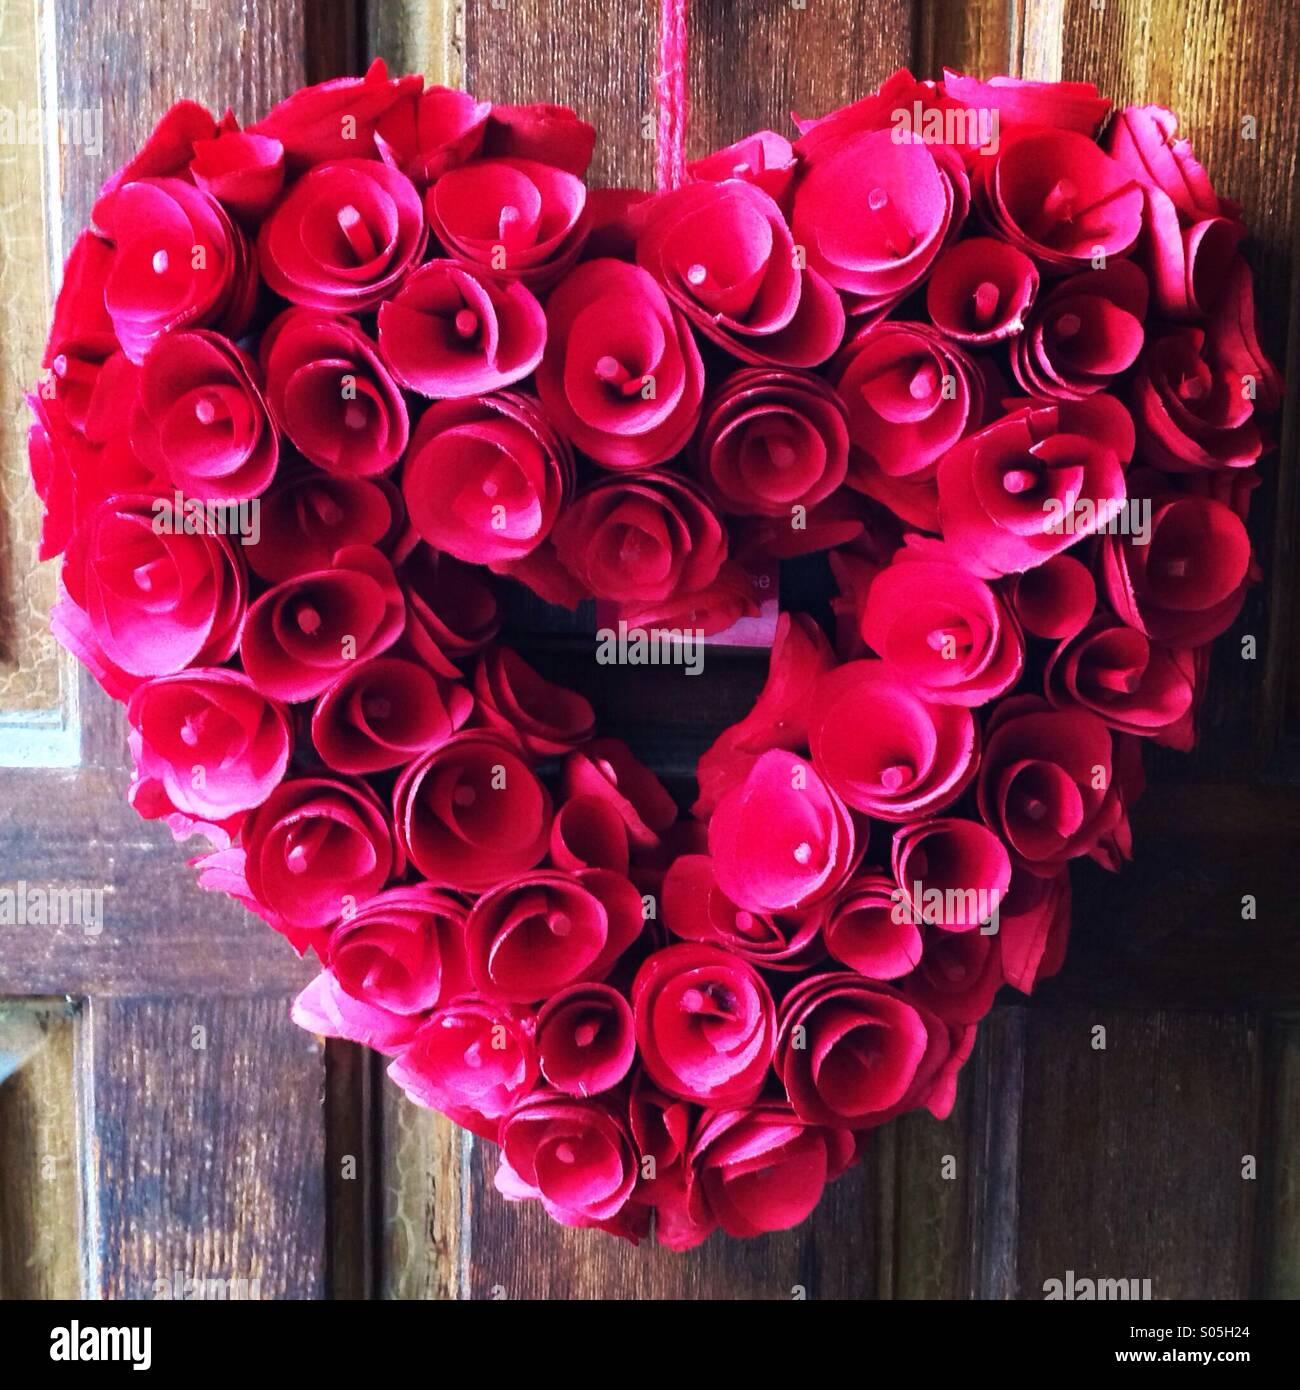 Ghirlanda di cuore rosa caldo Immagini Stock